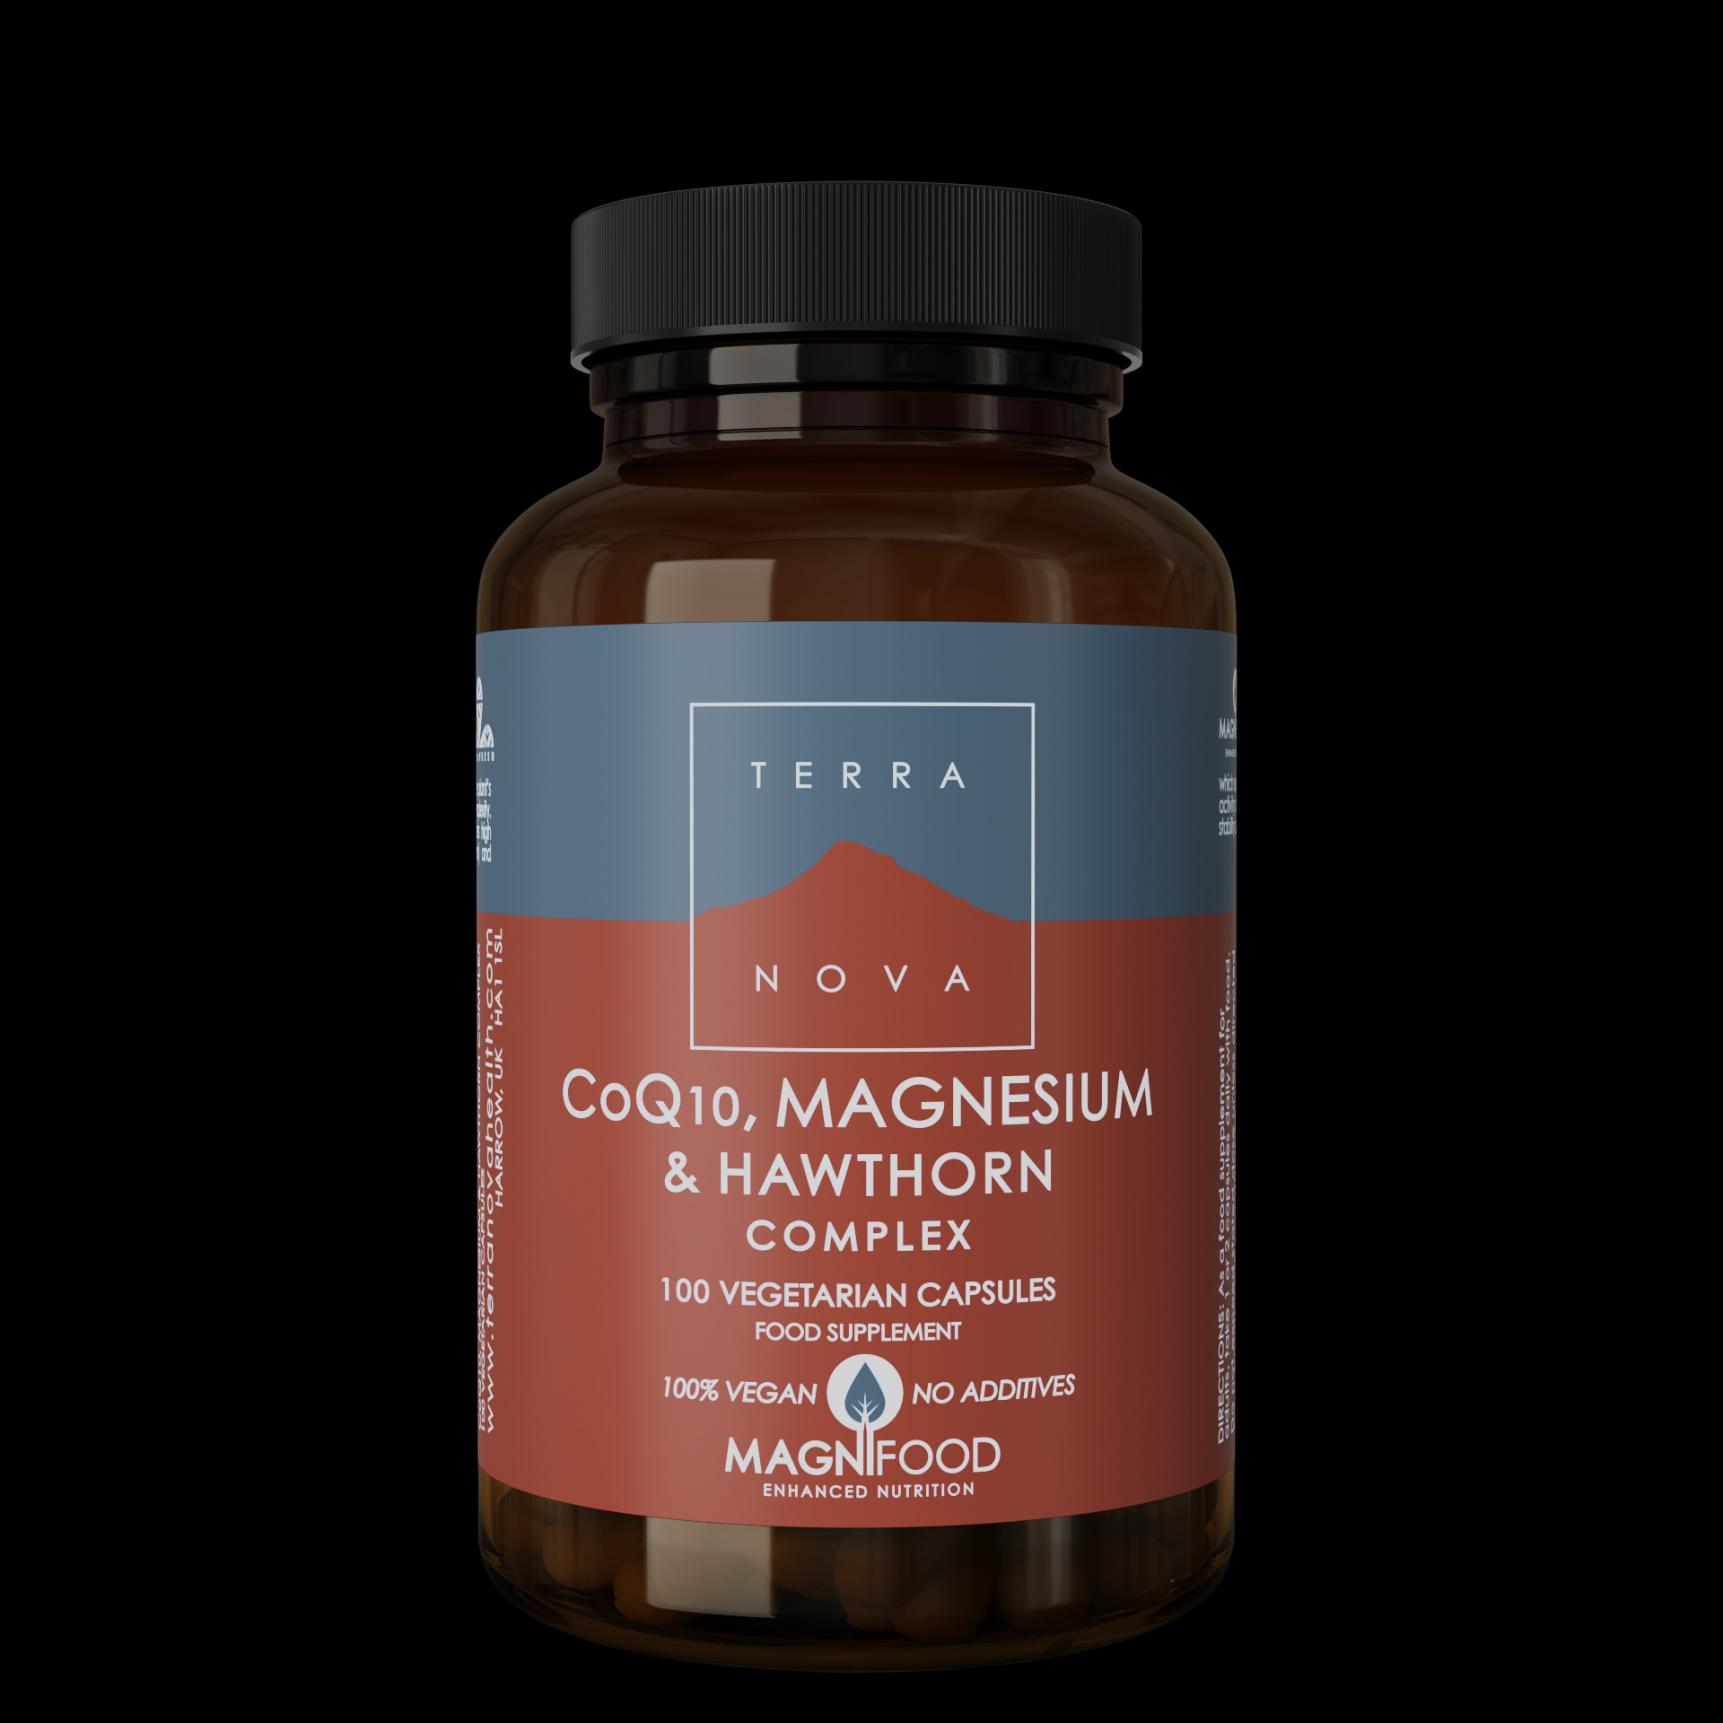 CoQ10, Magnesium & Hawthorn Complex 100's